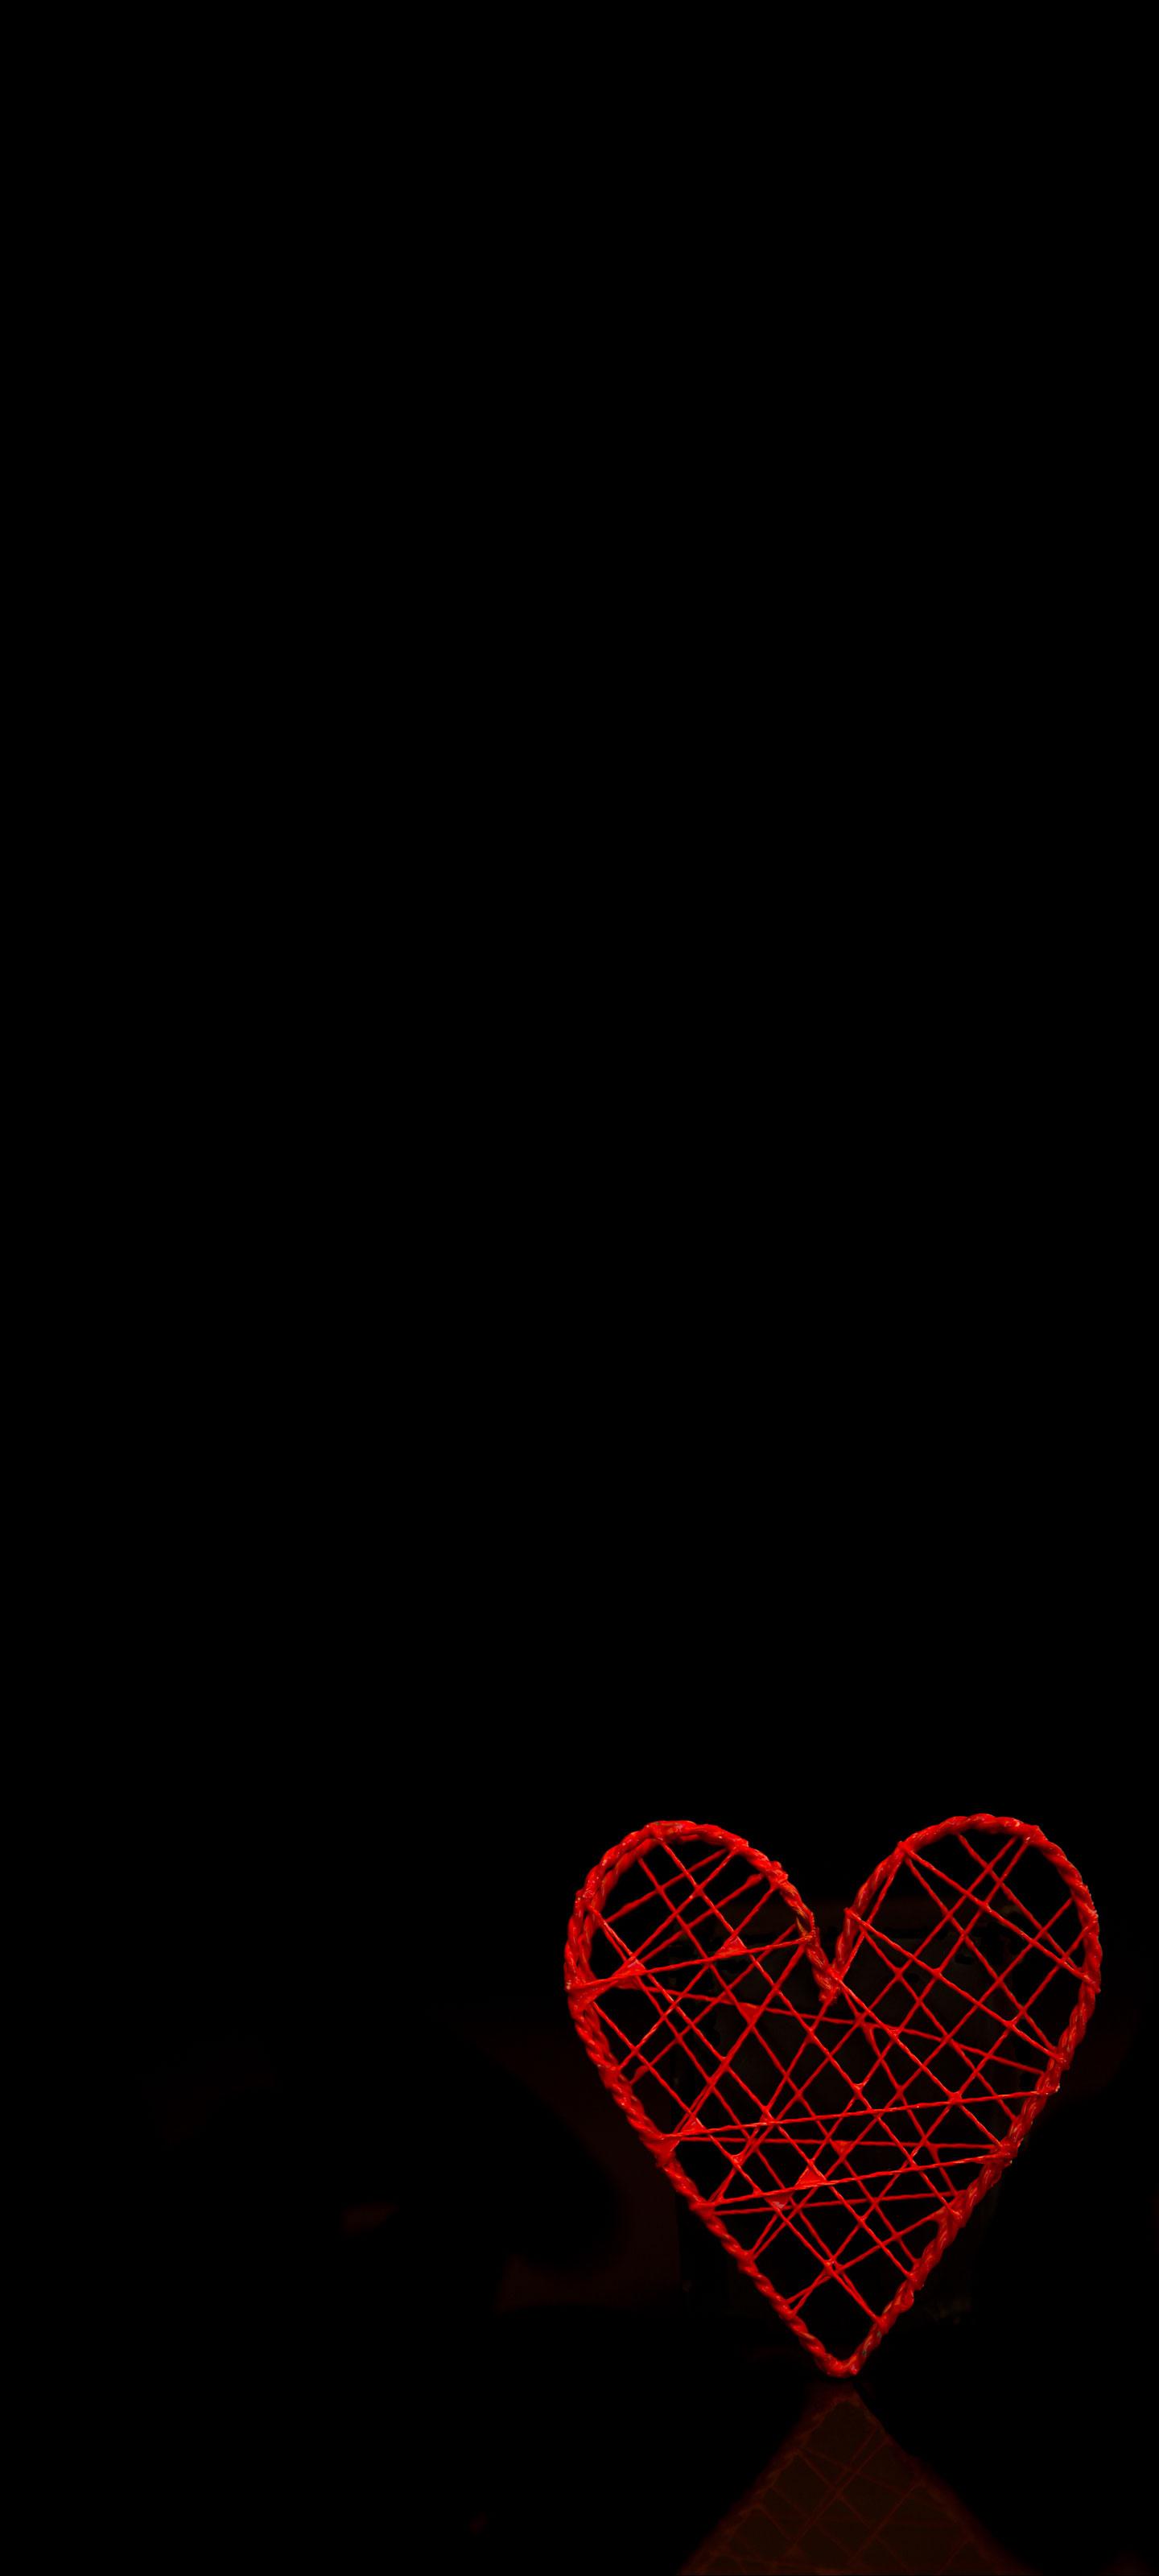 ハートの無料待ち受け画像 スマホ壁紙 Iphone Android 2 待ち受けparadise